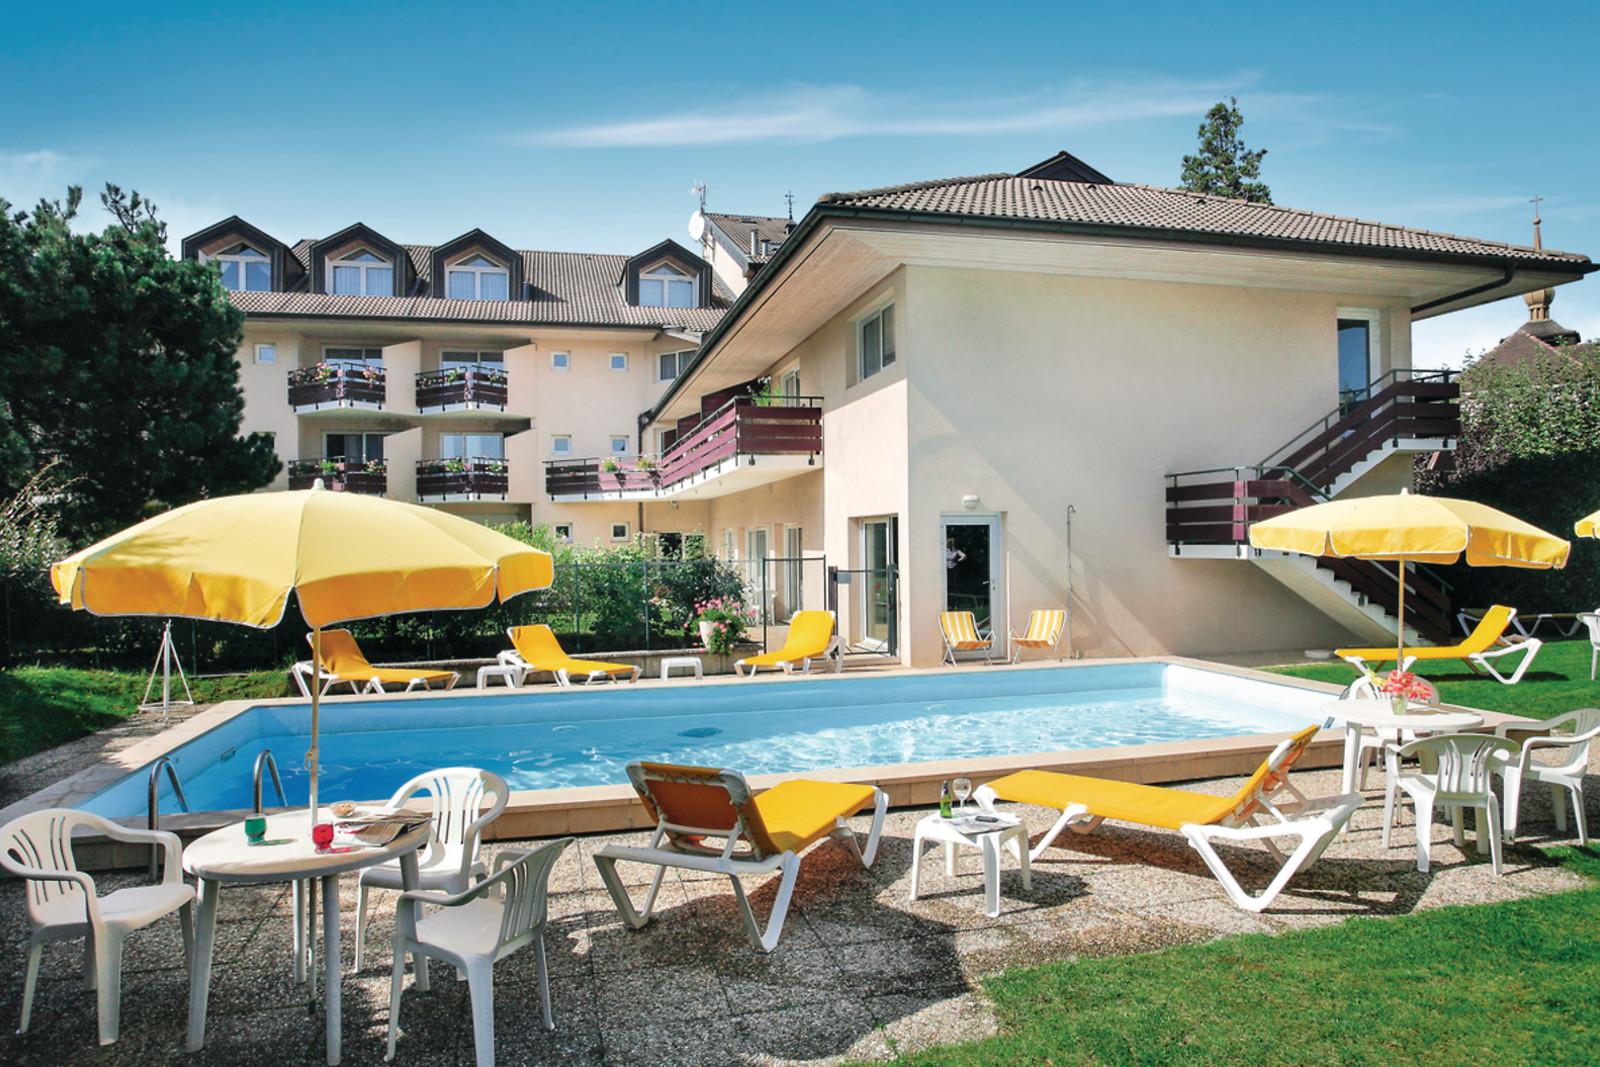 Hotel Formule  A Thonon Les Bains